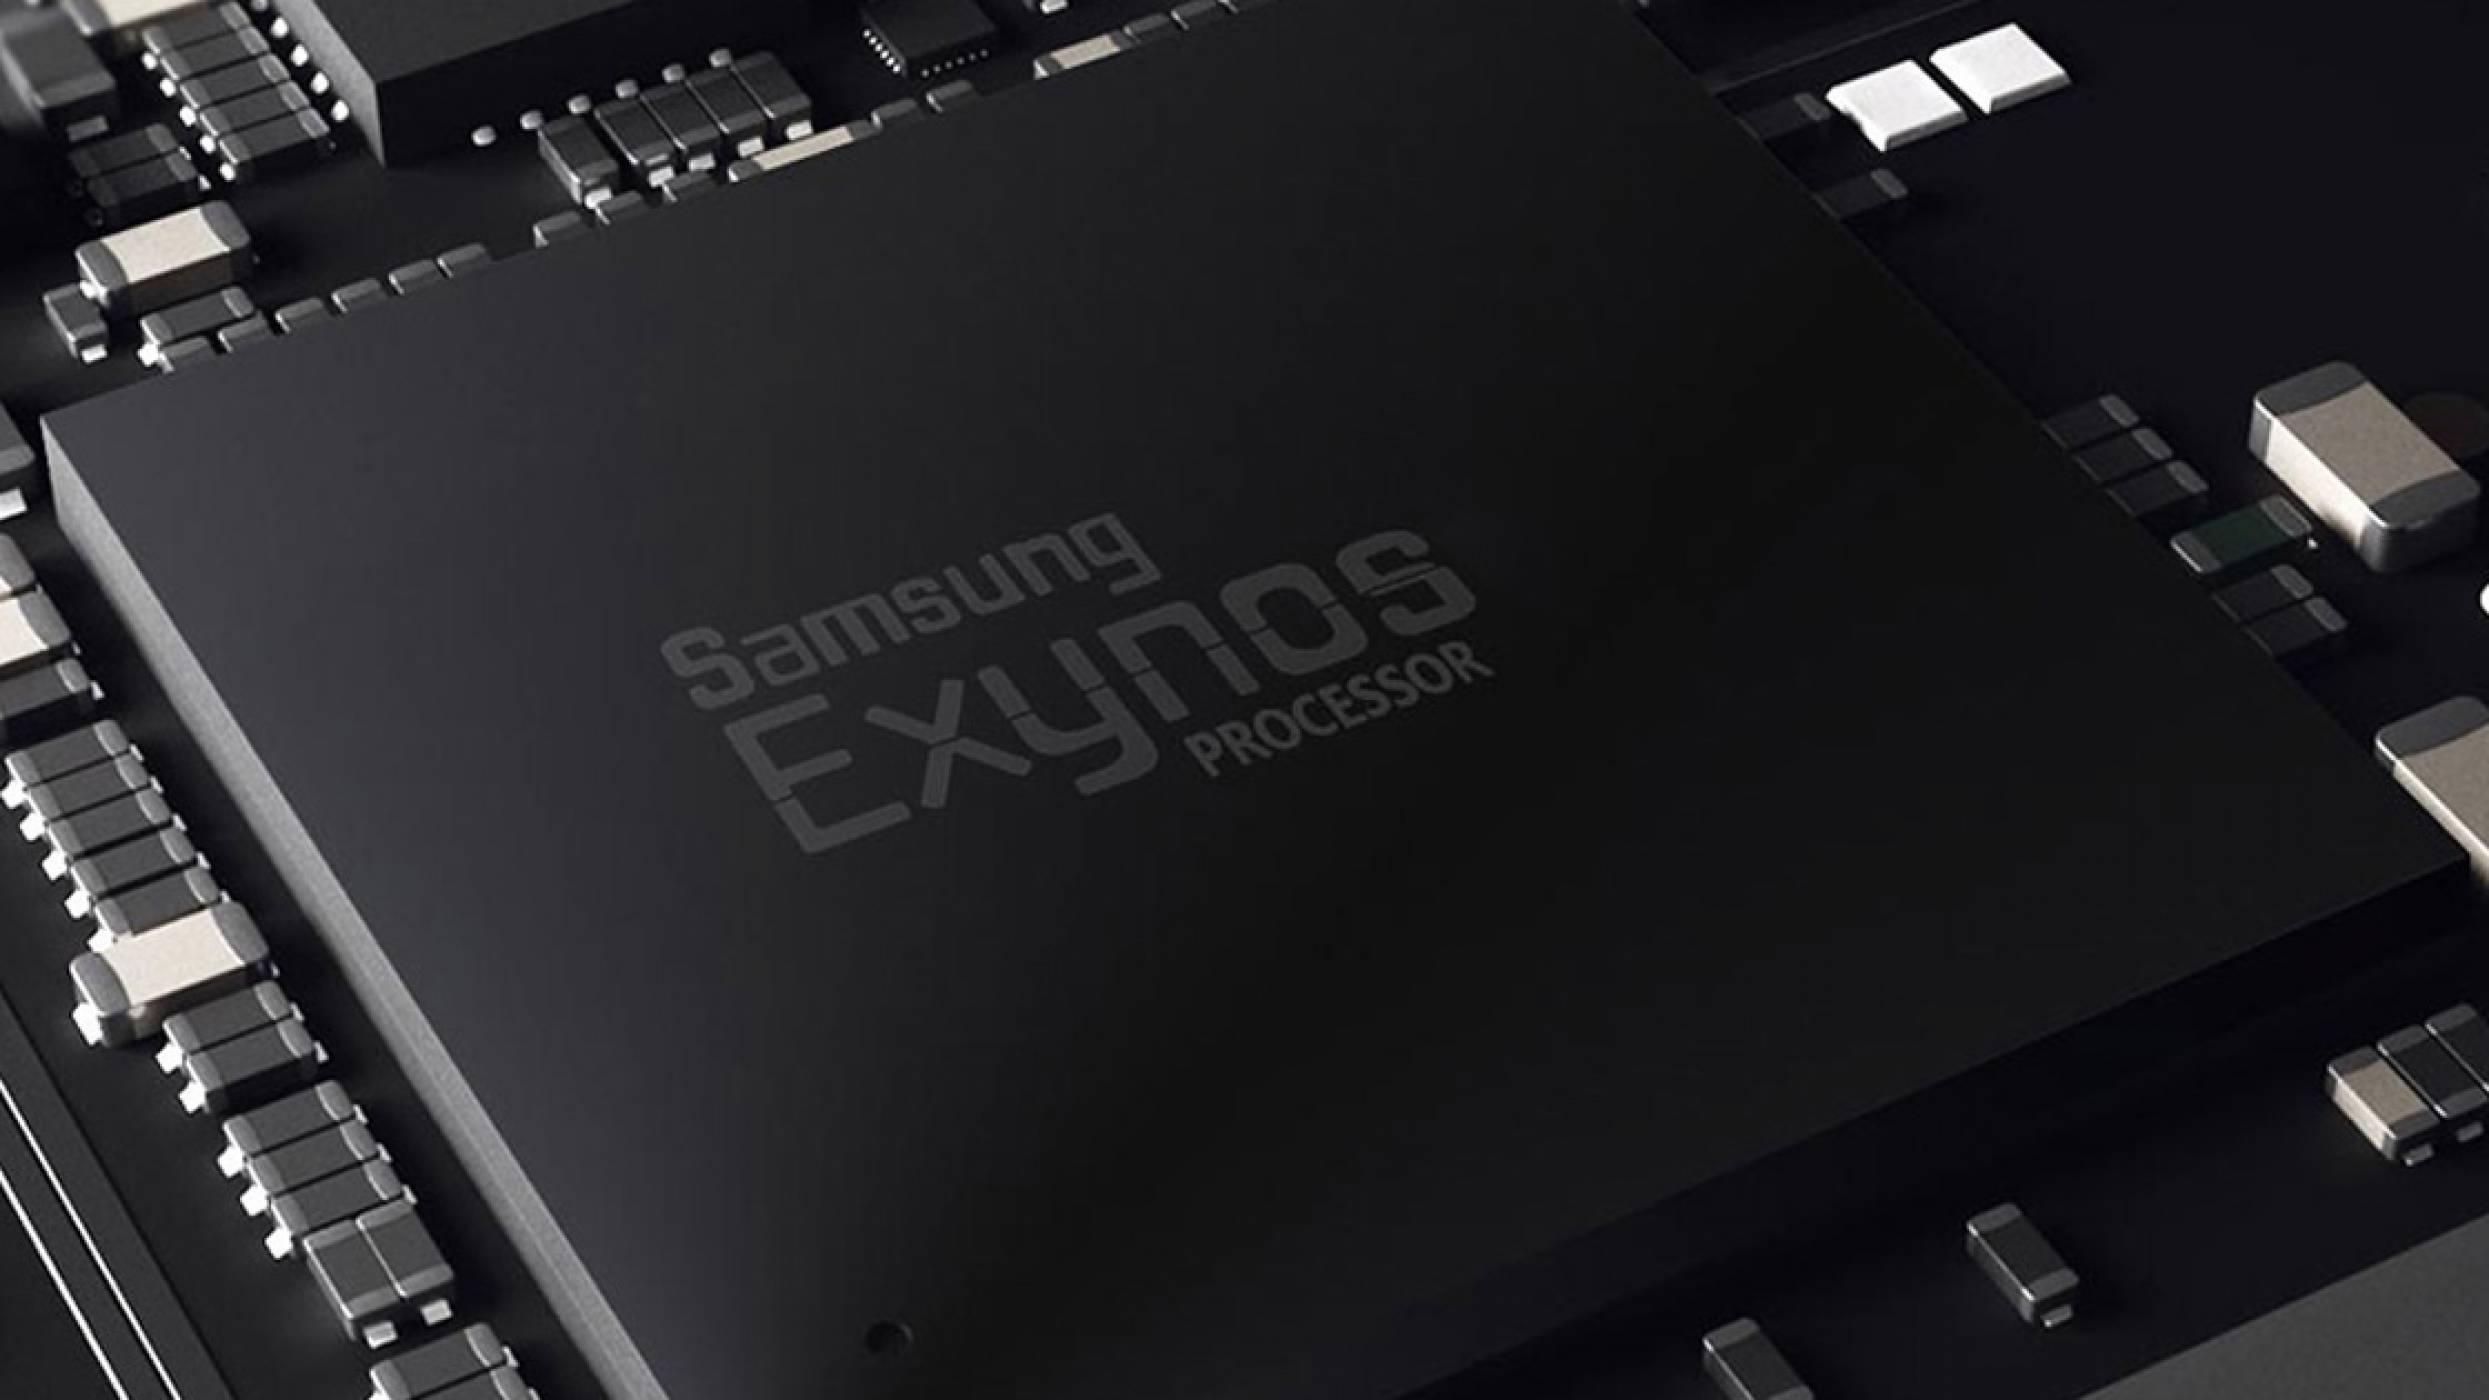 Samsung Galaxy S10 Exynos 9820 NPU